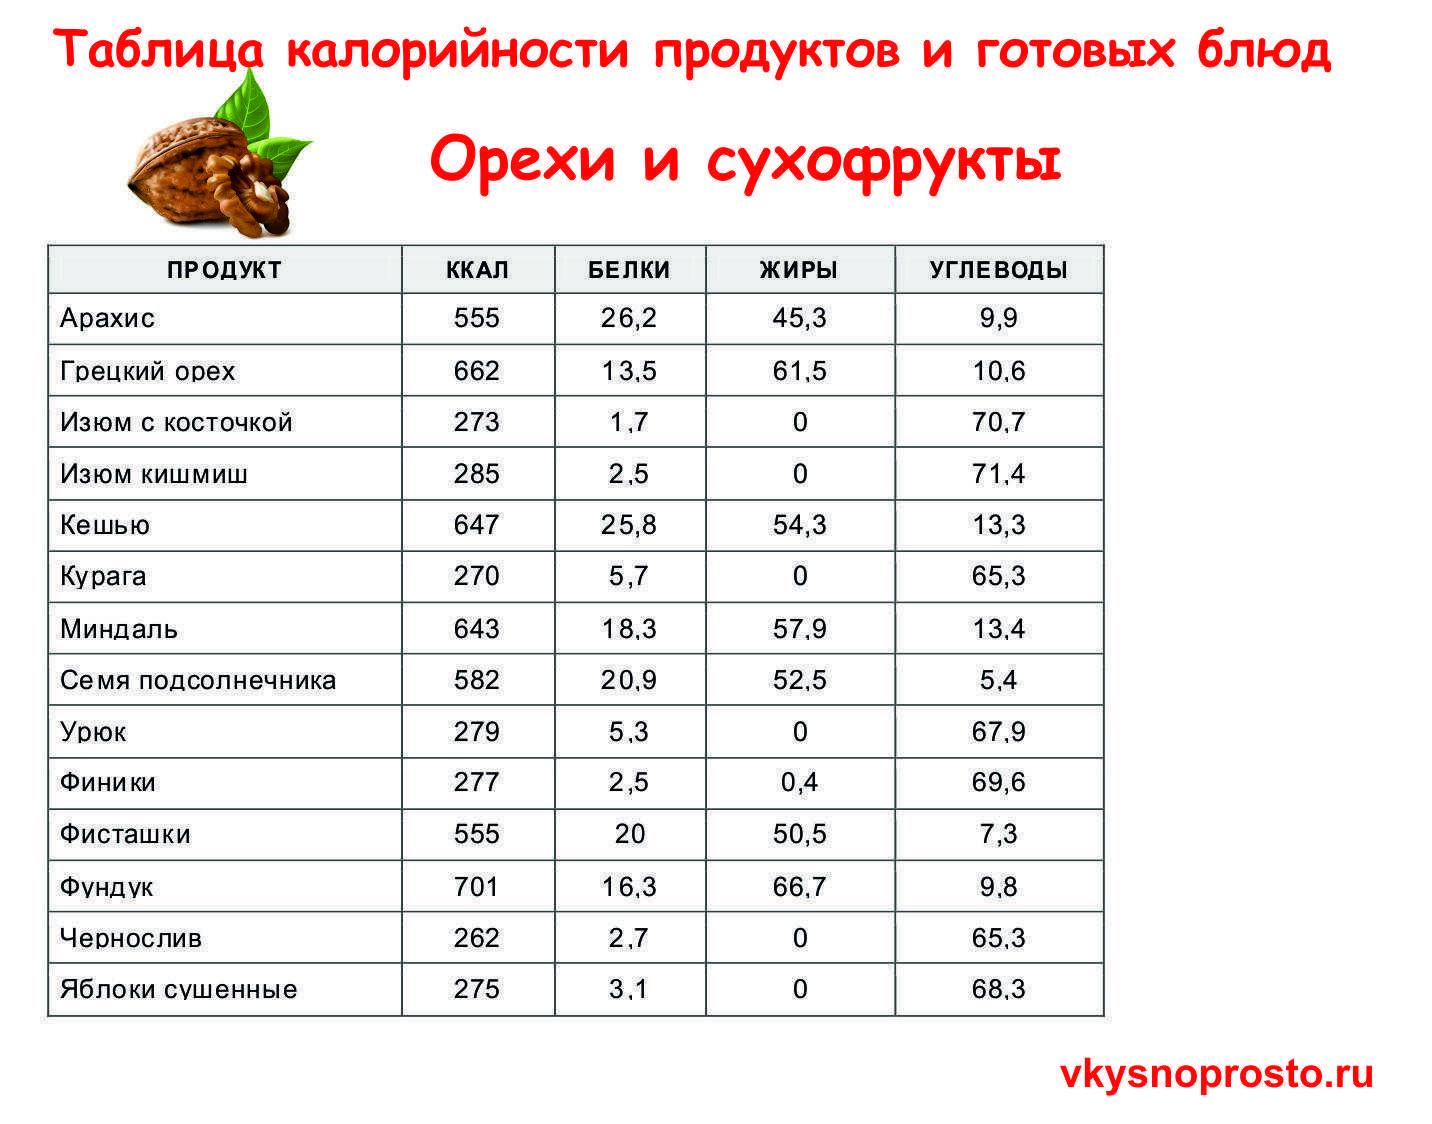 Таблица калорийности продуктов и готовых блюд: полная версия